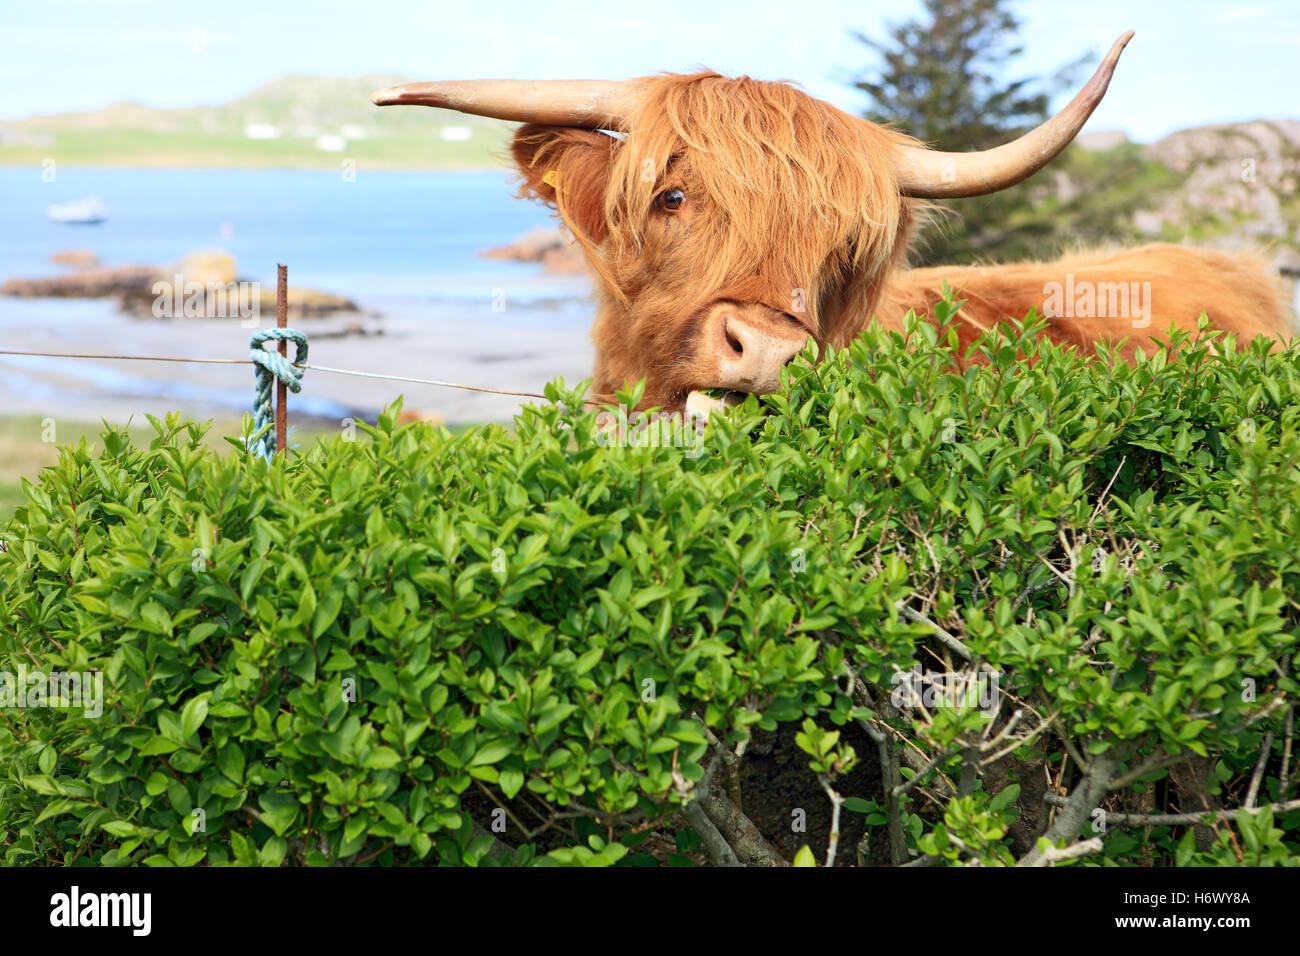 Highland mucca mangiare una siepe come ci sono aree di pascolo comune che significa che gli animali non sono recintati Immagini Stock